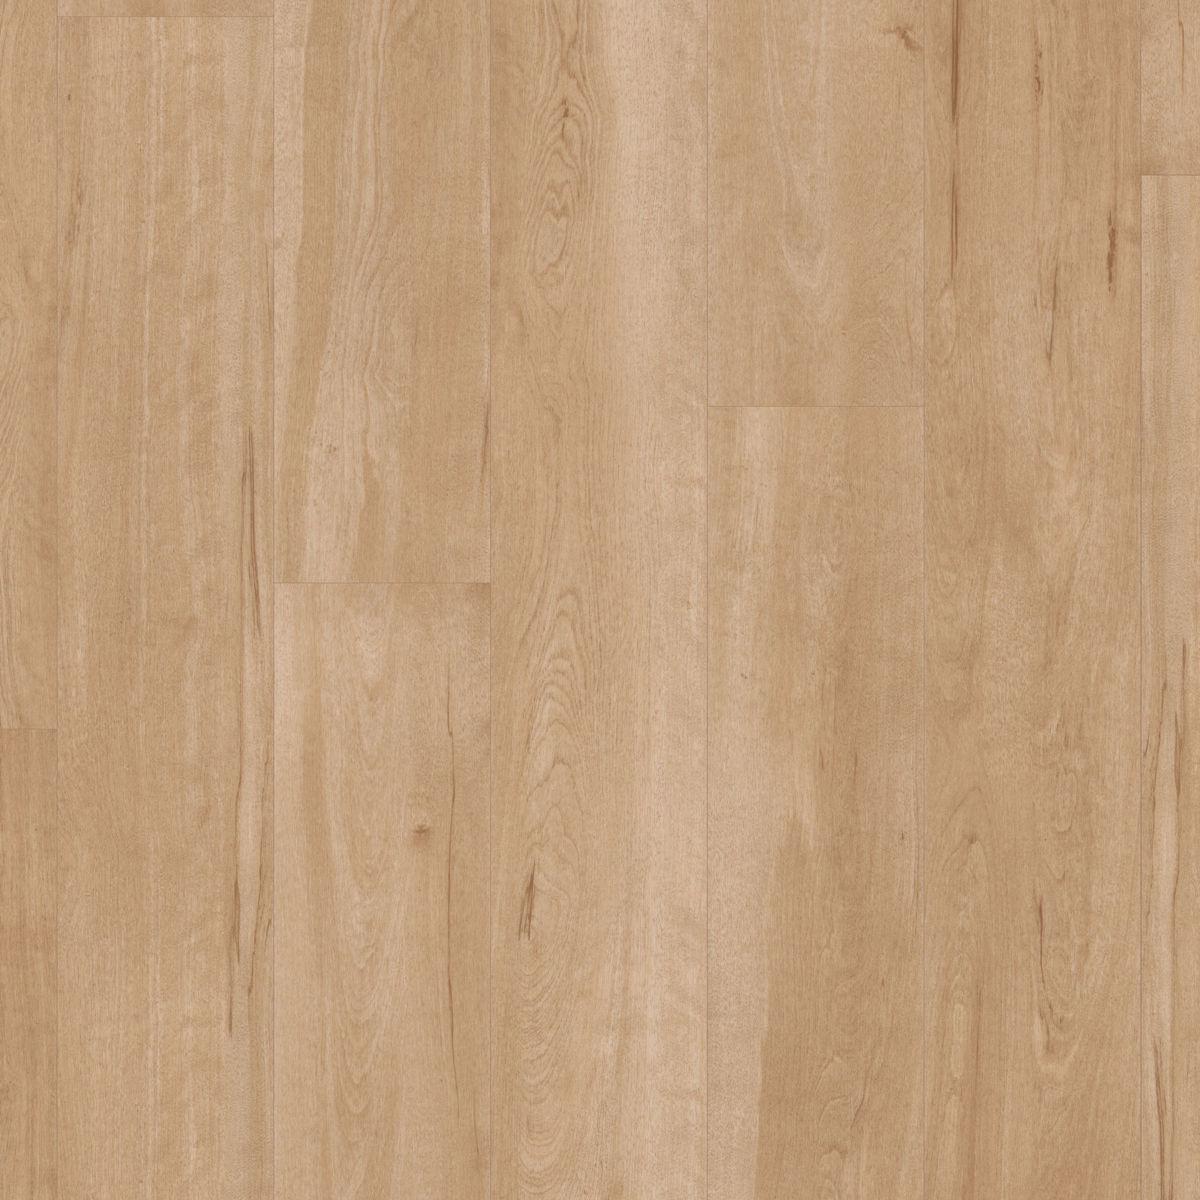 Karndean Van Gogh Birch Vgw84t Vinyl Flooring